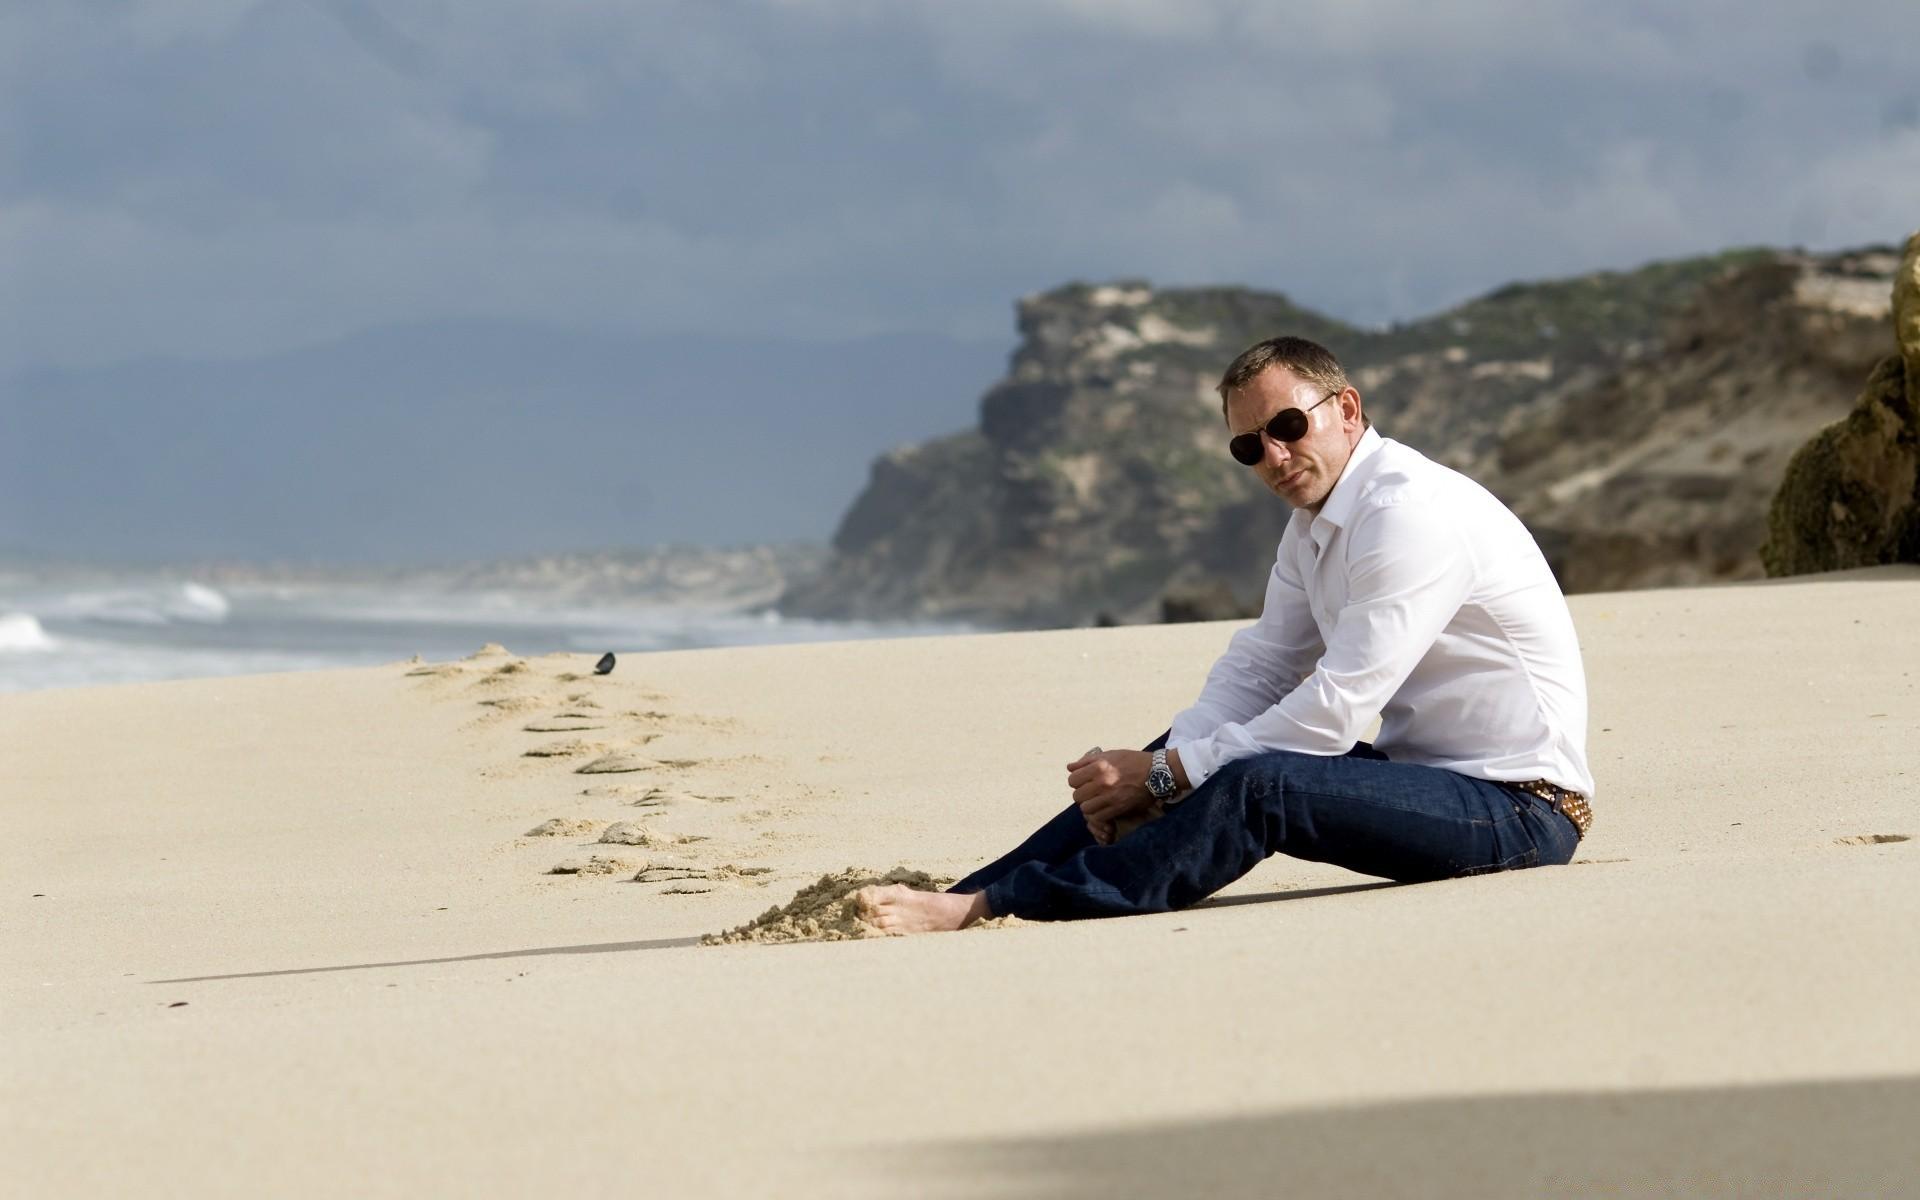 Как мужчинам позировать на фото на море — pic 2